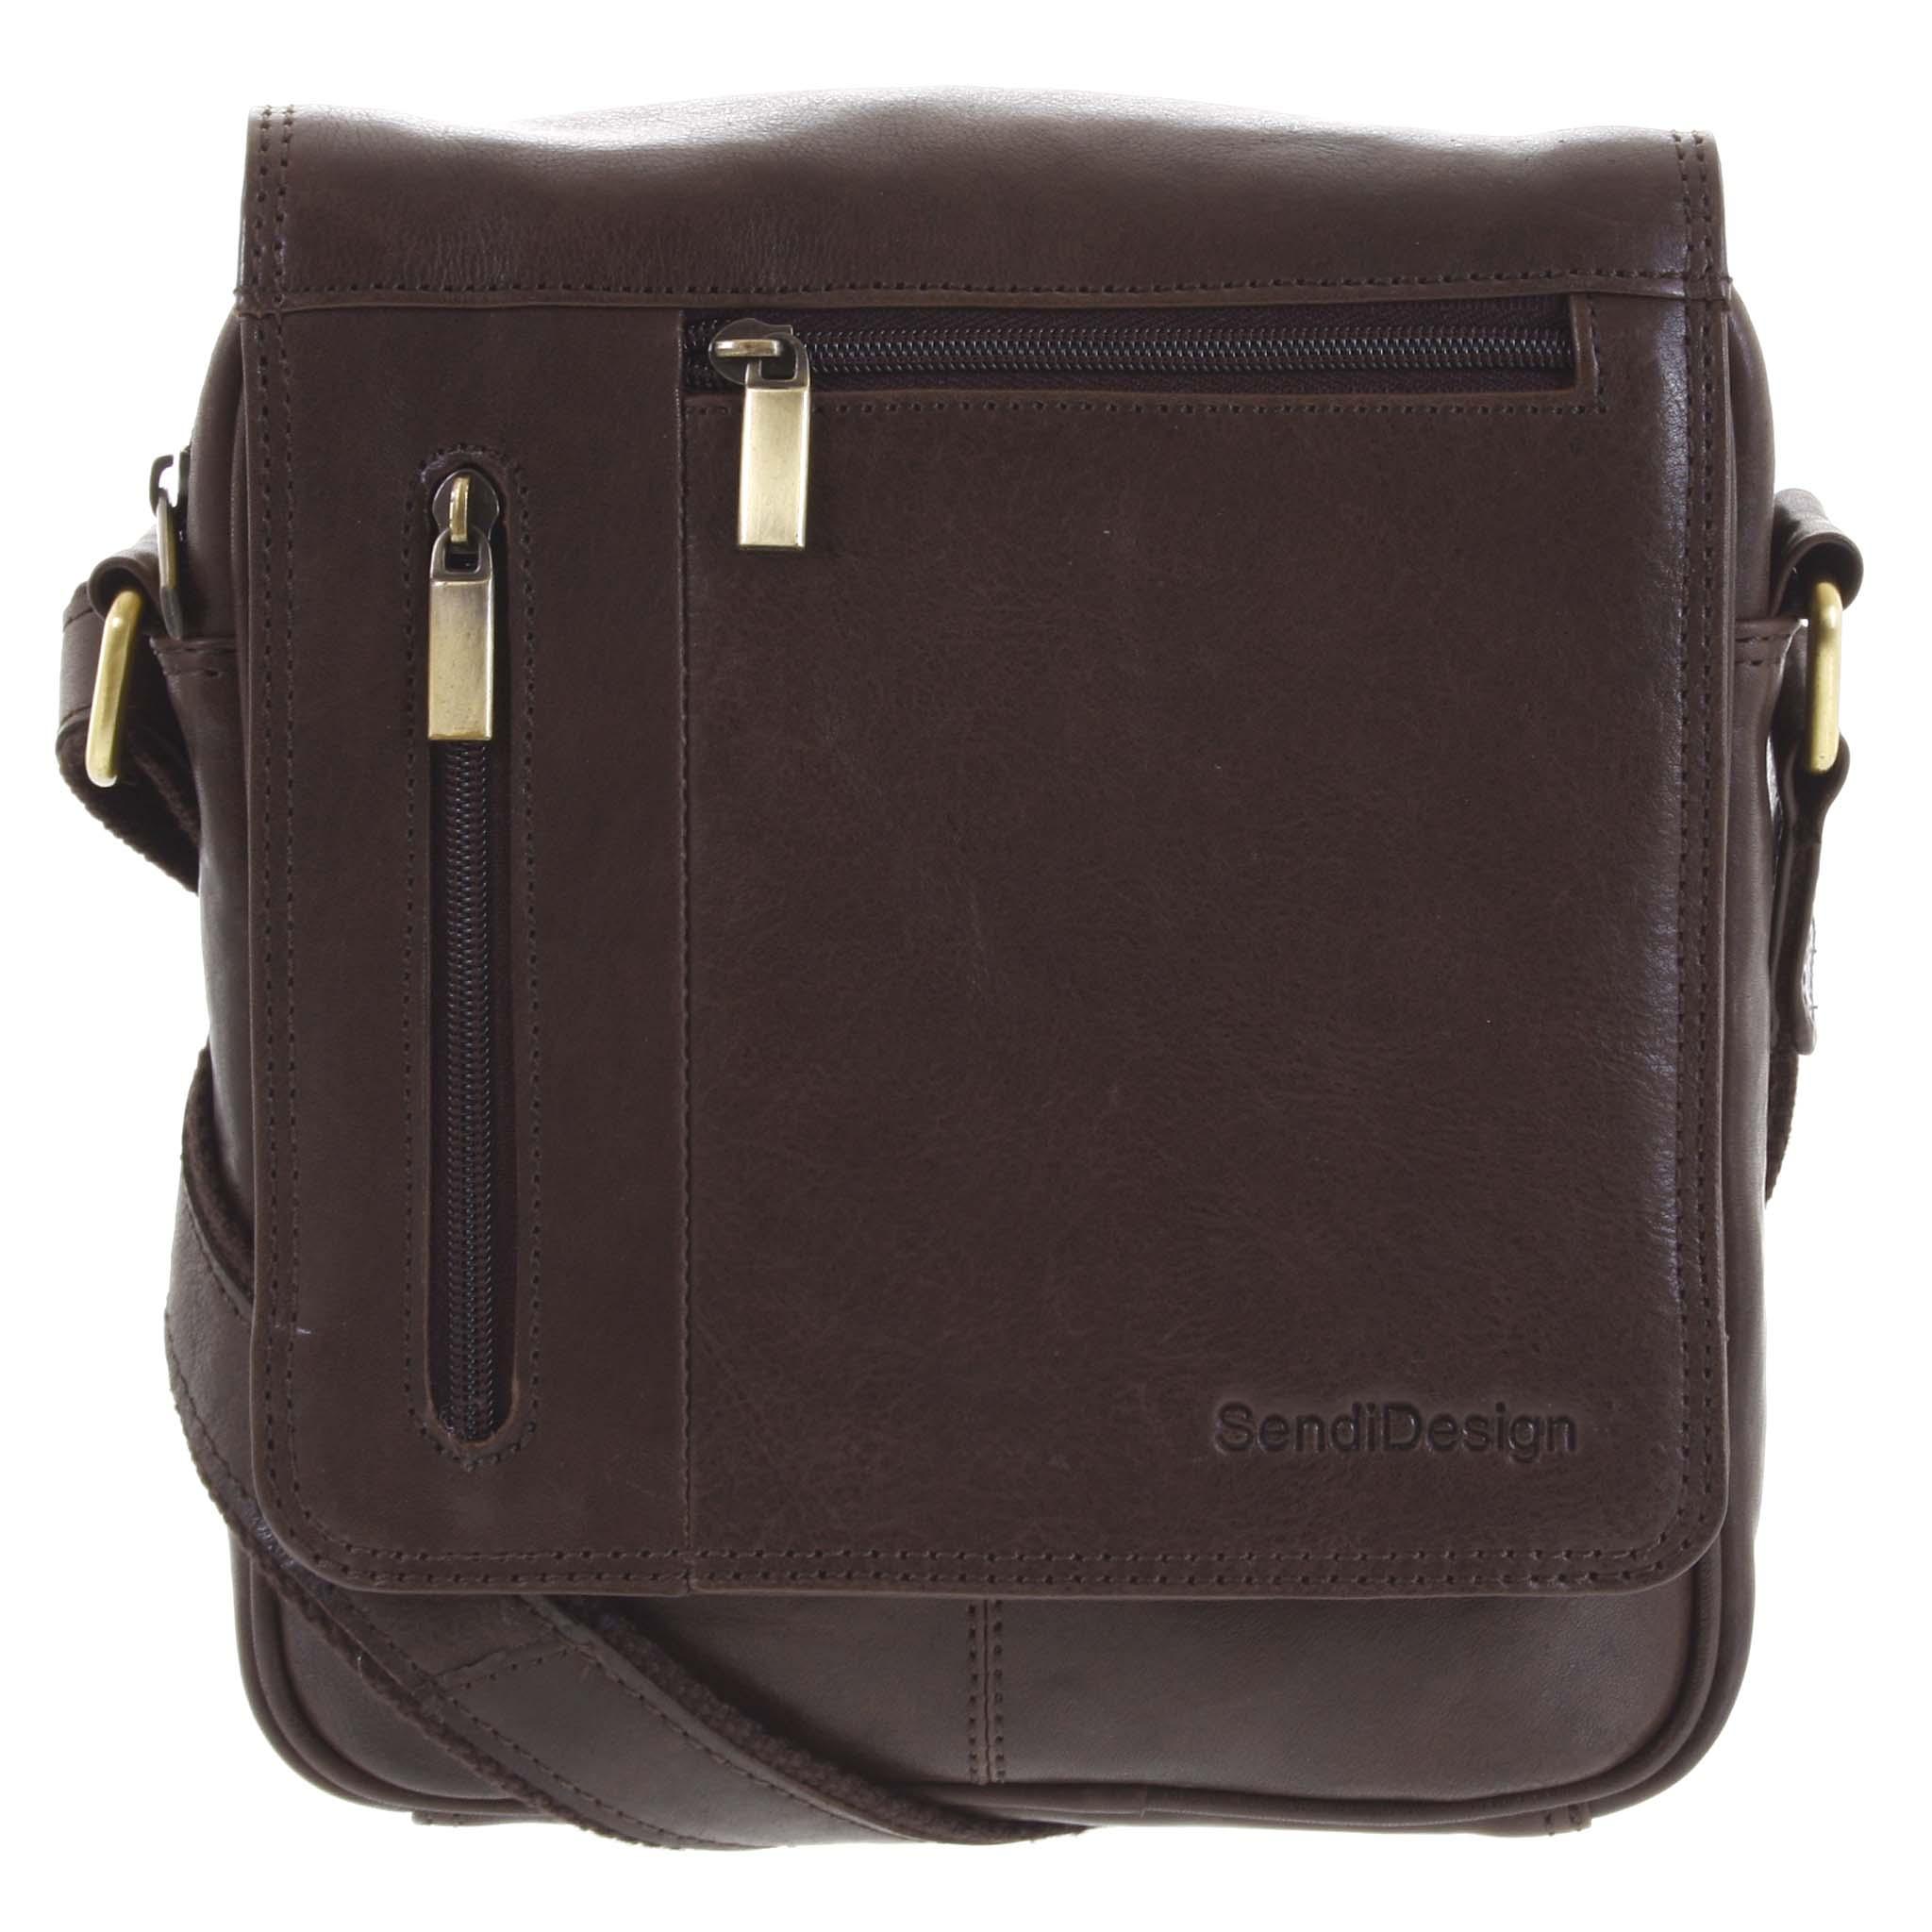 Pánská kožená taška přes rameno tmavě hnědá - SendiDesign Thoreau